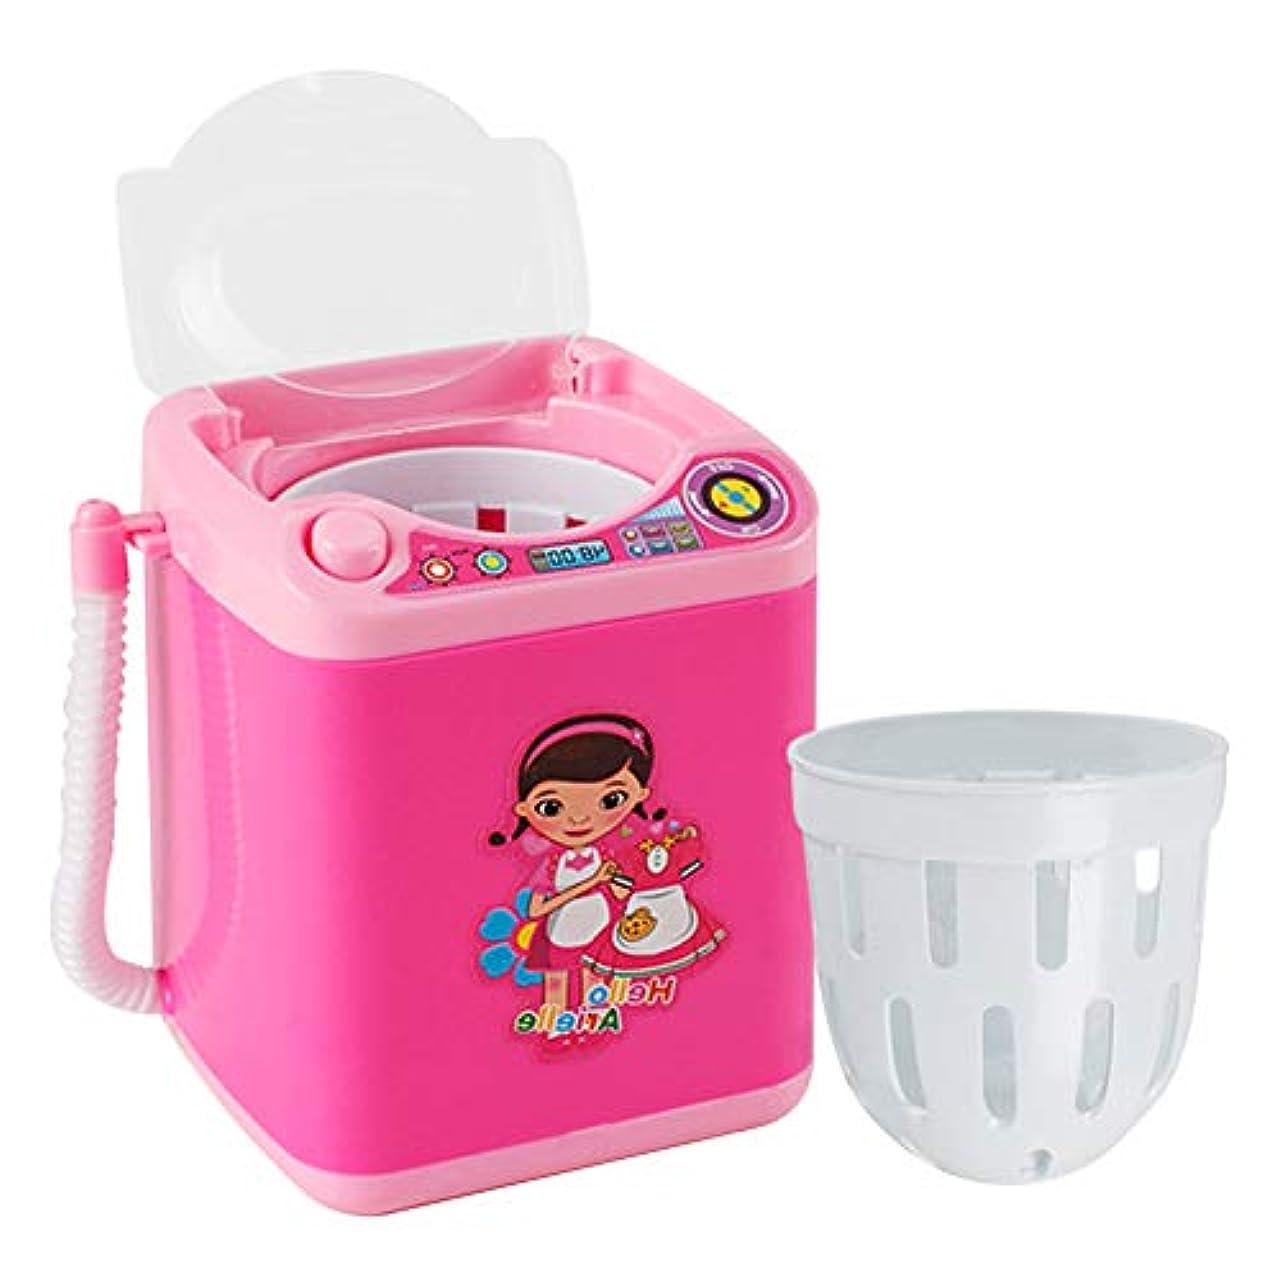 改革モールキャラバンメイクアップブラシクリーナー、ミニ自動メイクアップブラシクリーニング装置、メイクアップブラシを清潔に保ち、自動かつ迅速なクリーニング(ピンク)